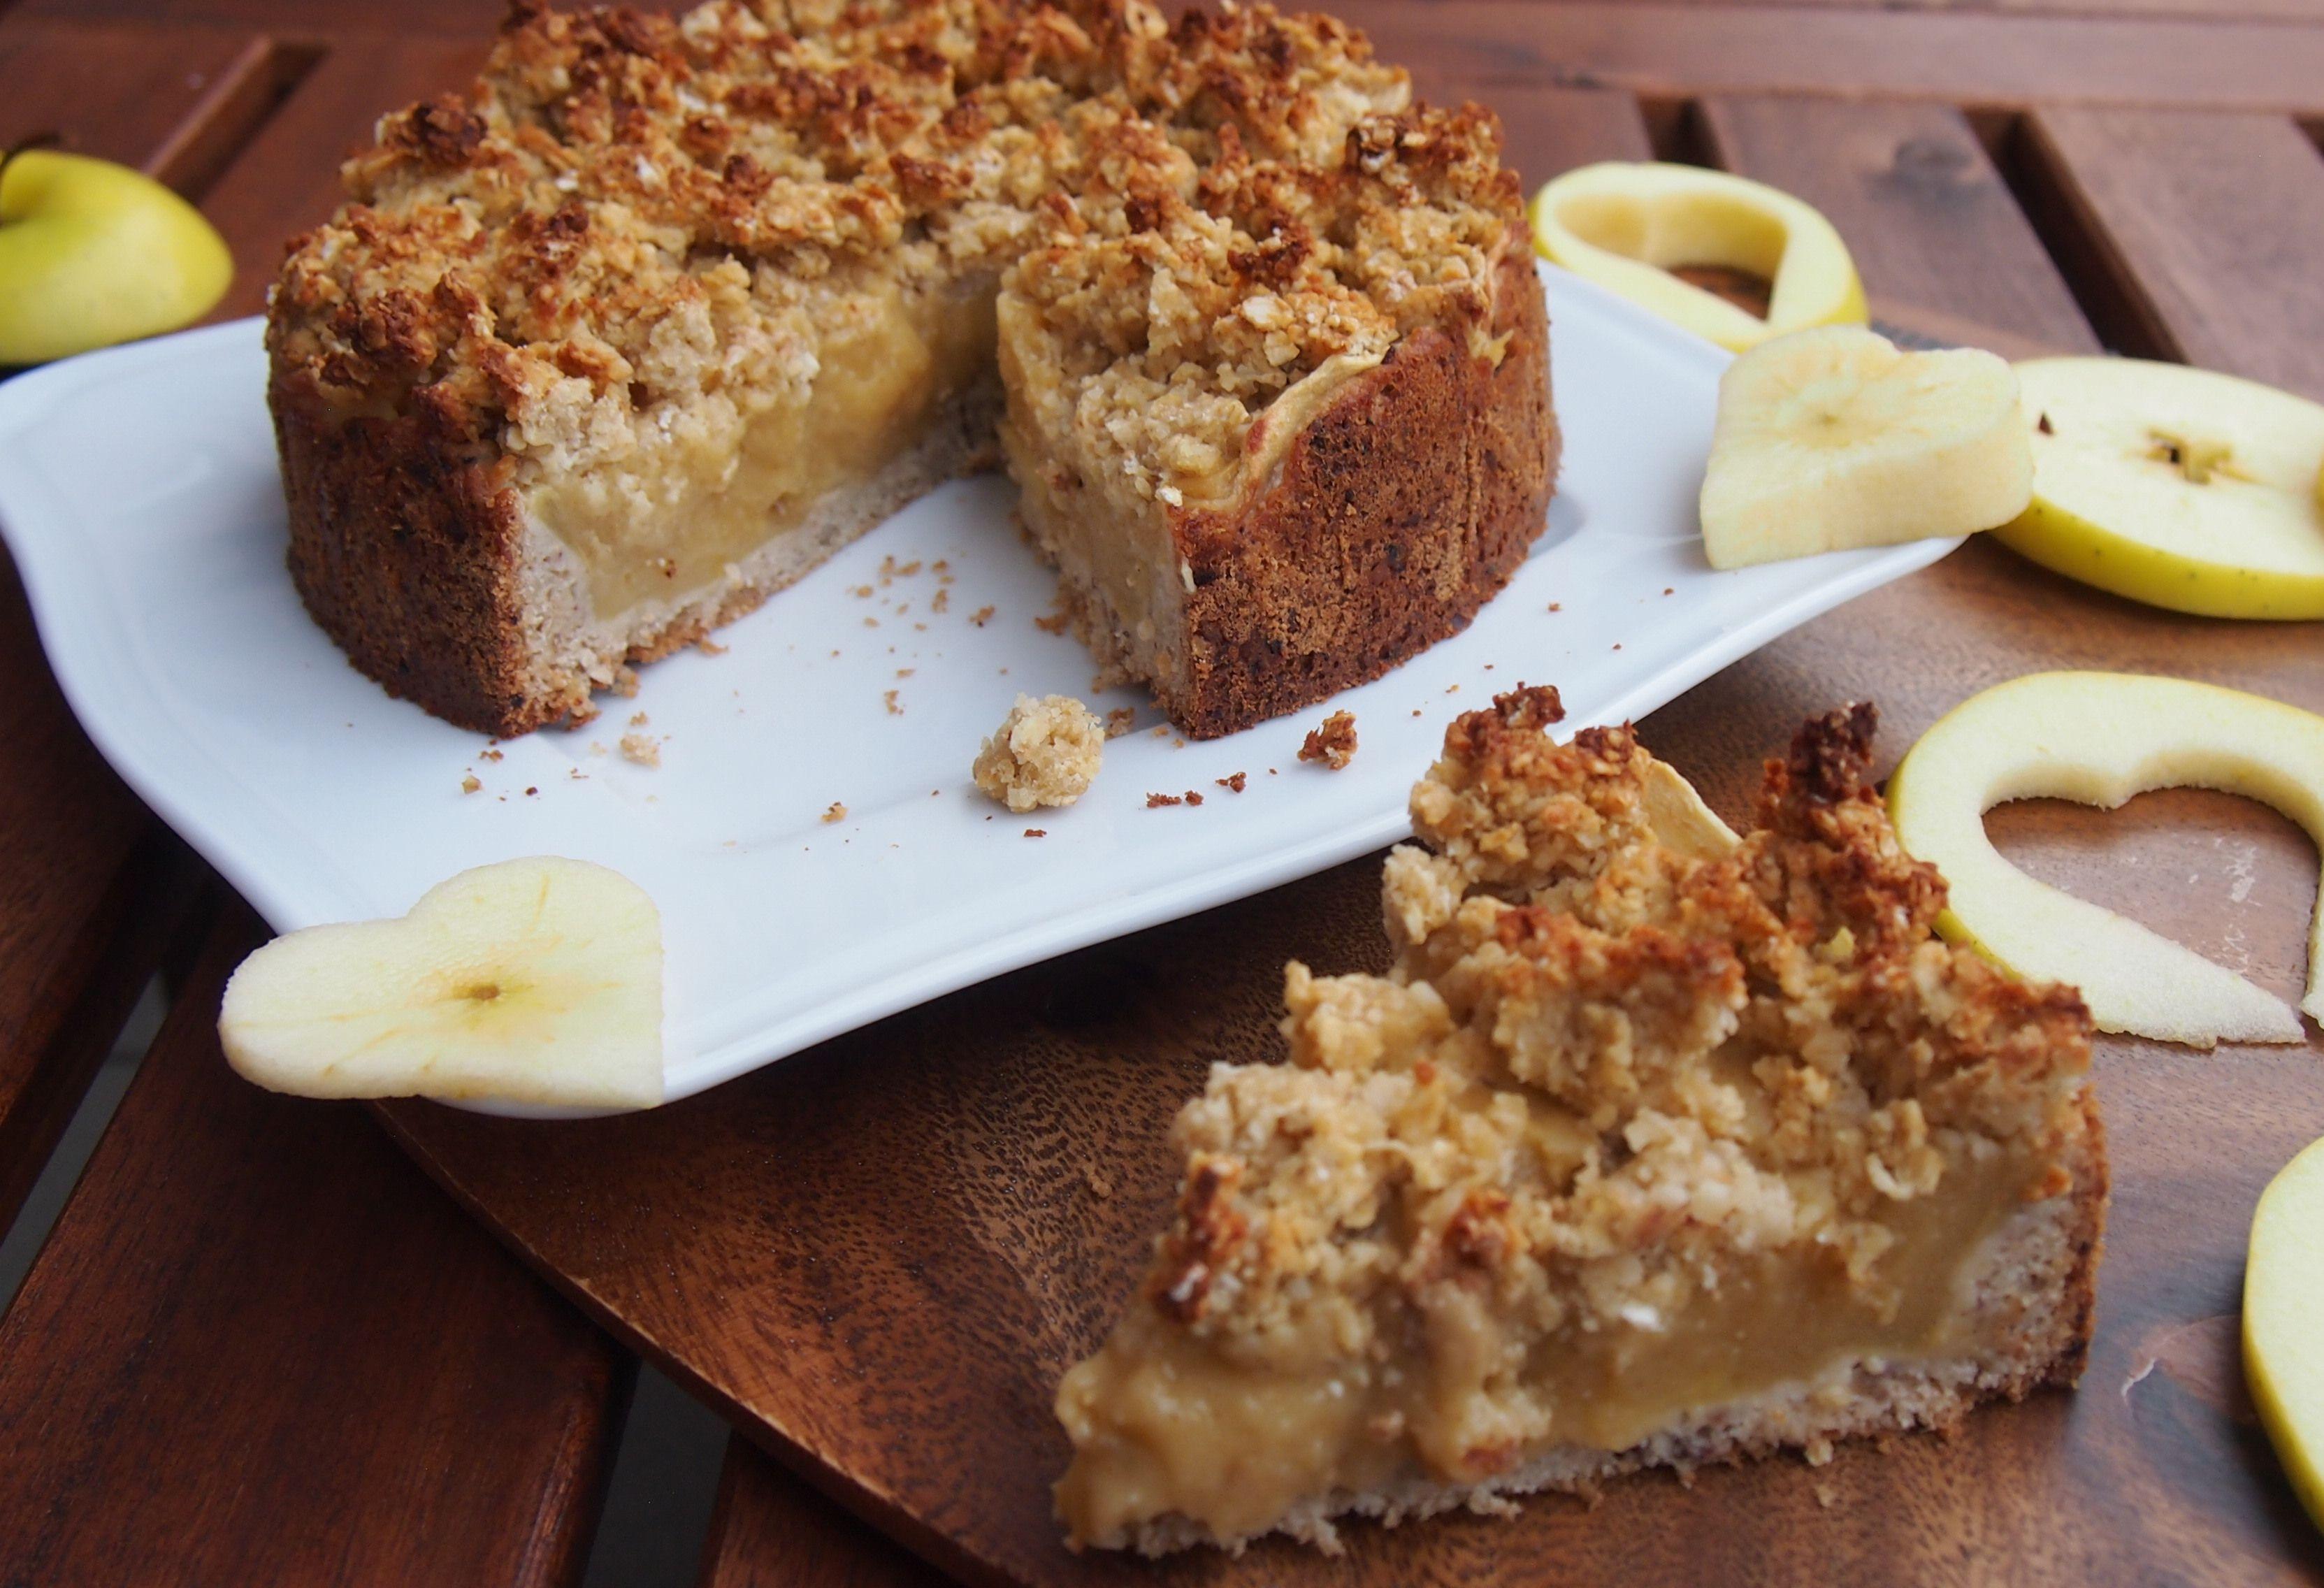 Gesunder Apfelmuskuchen mit Vanillepudding (vegan) - Bake it naked